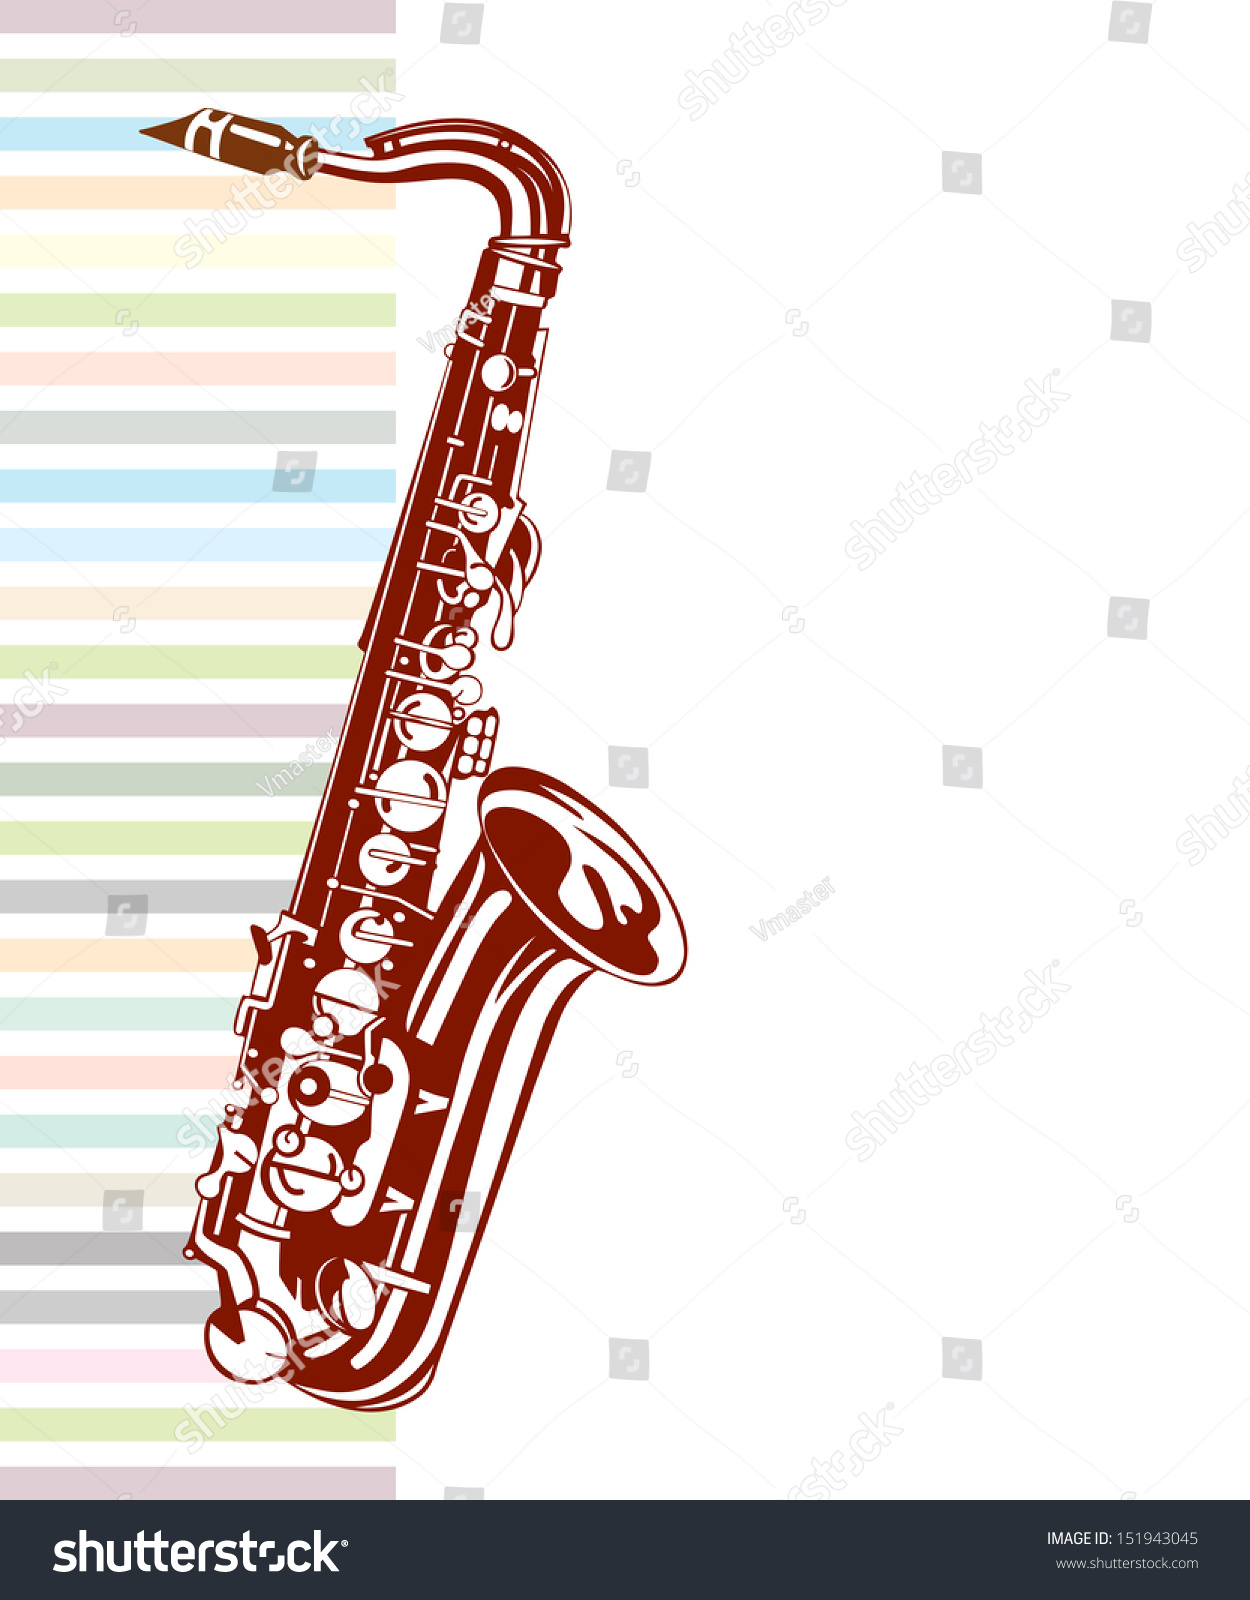 萨克斯风的设计.音乐背景-背景/素材,艺术-海洛创意()